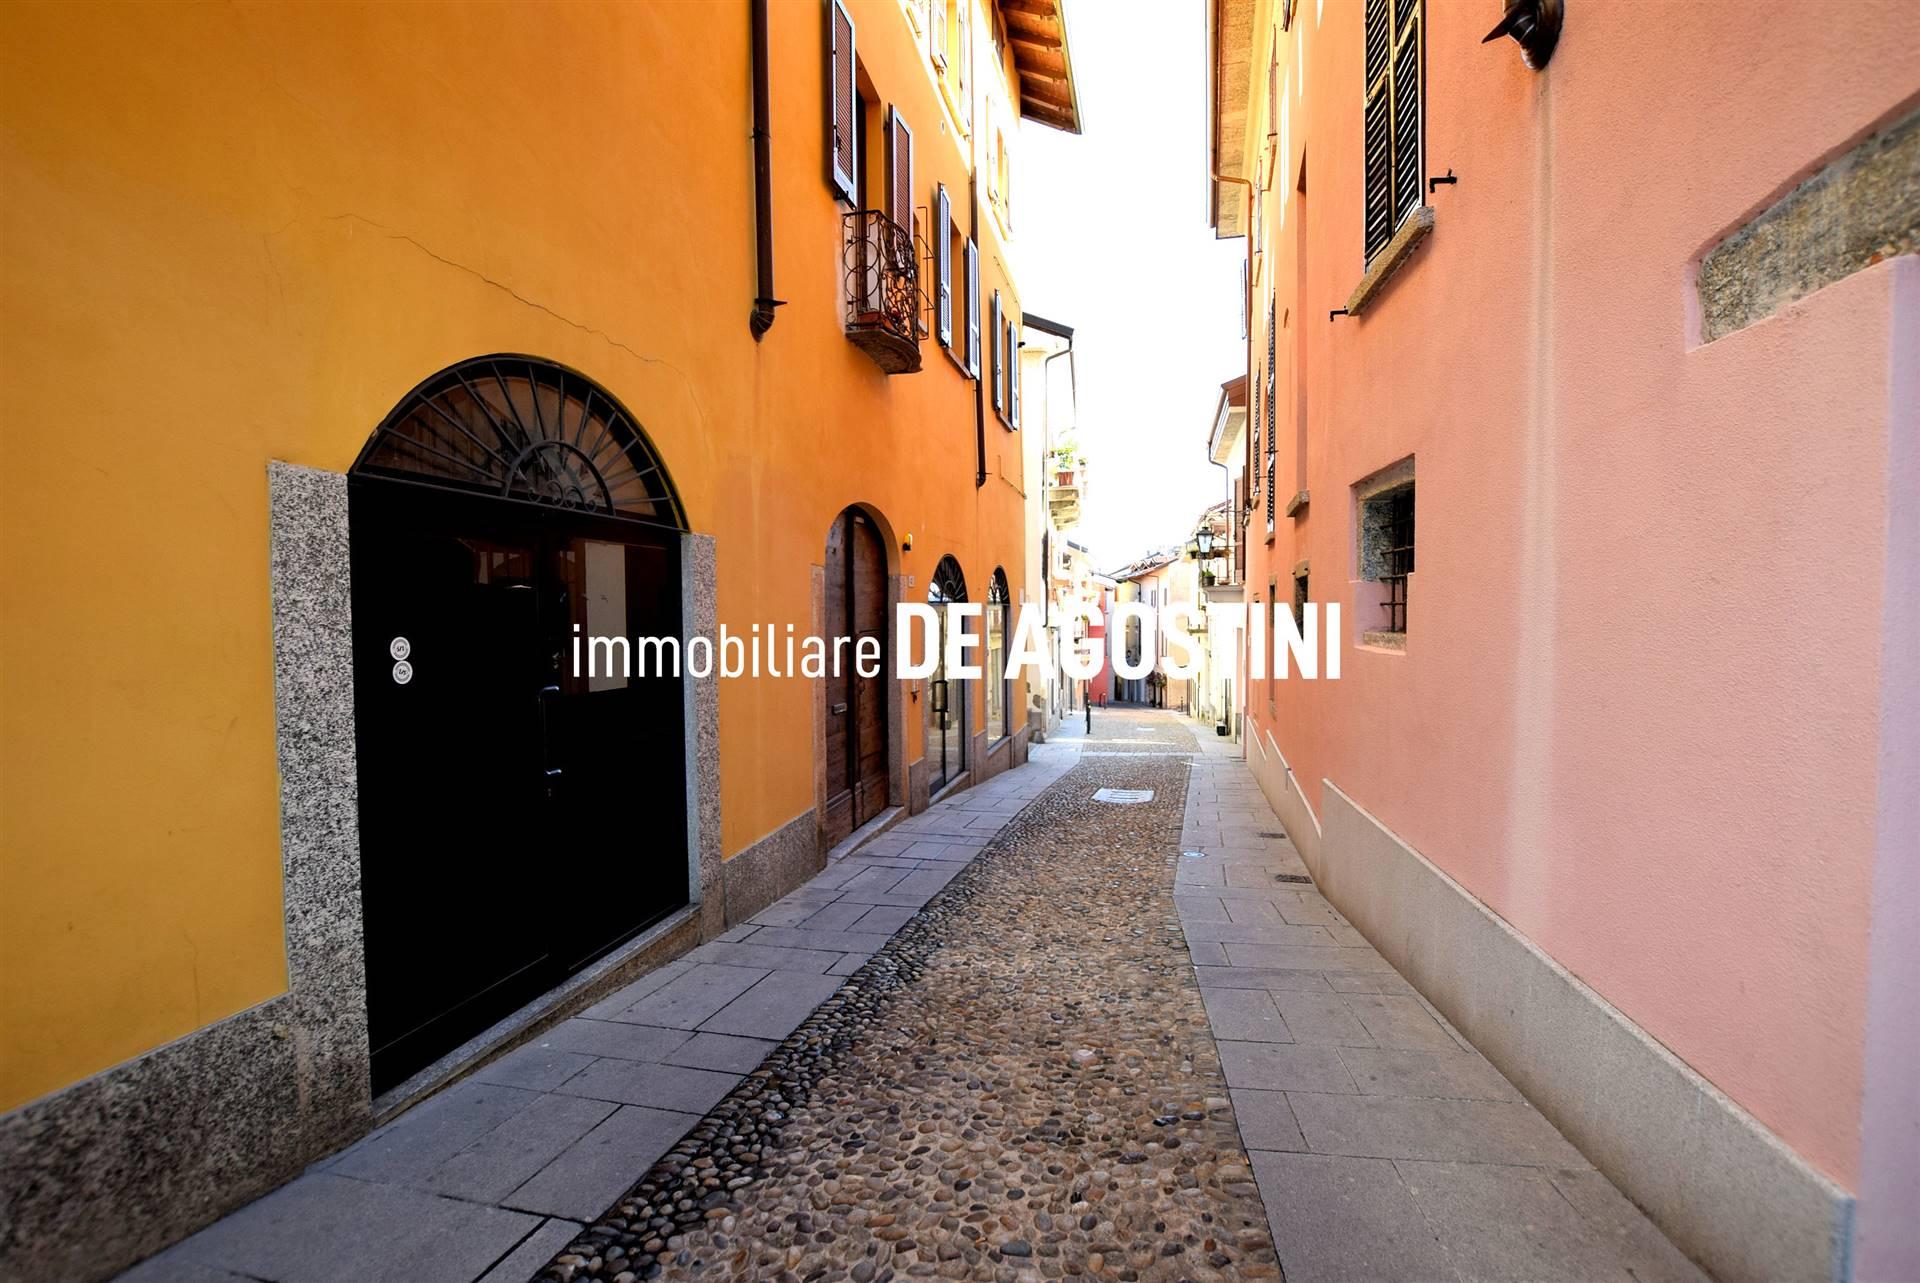 Negozio / Locale in vendita a Arona, 9999 locali, prezzo € 75.000 | PortaleAgenzieImmobiliari.it